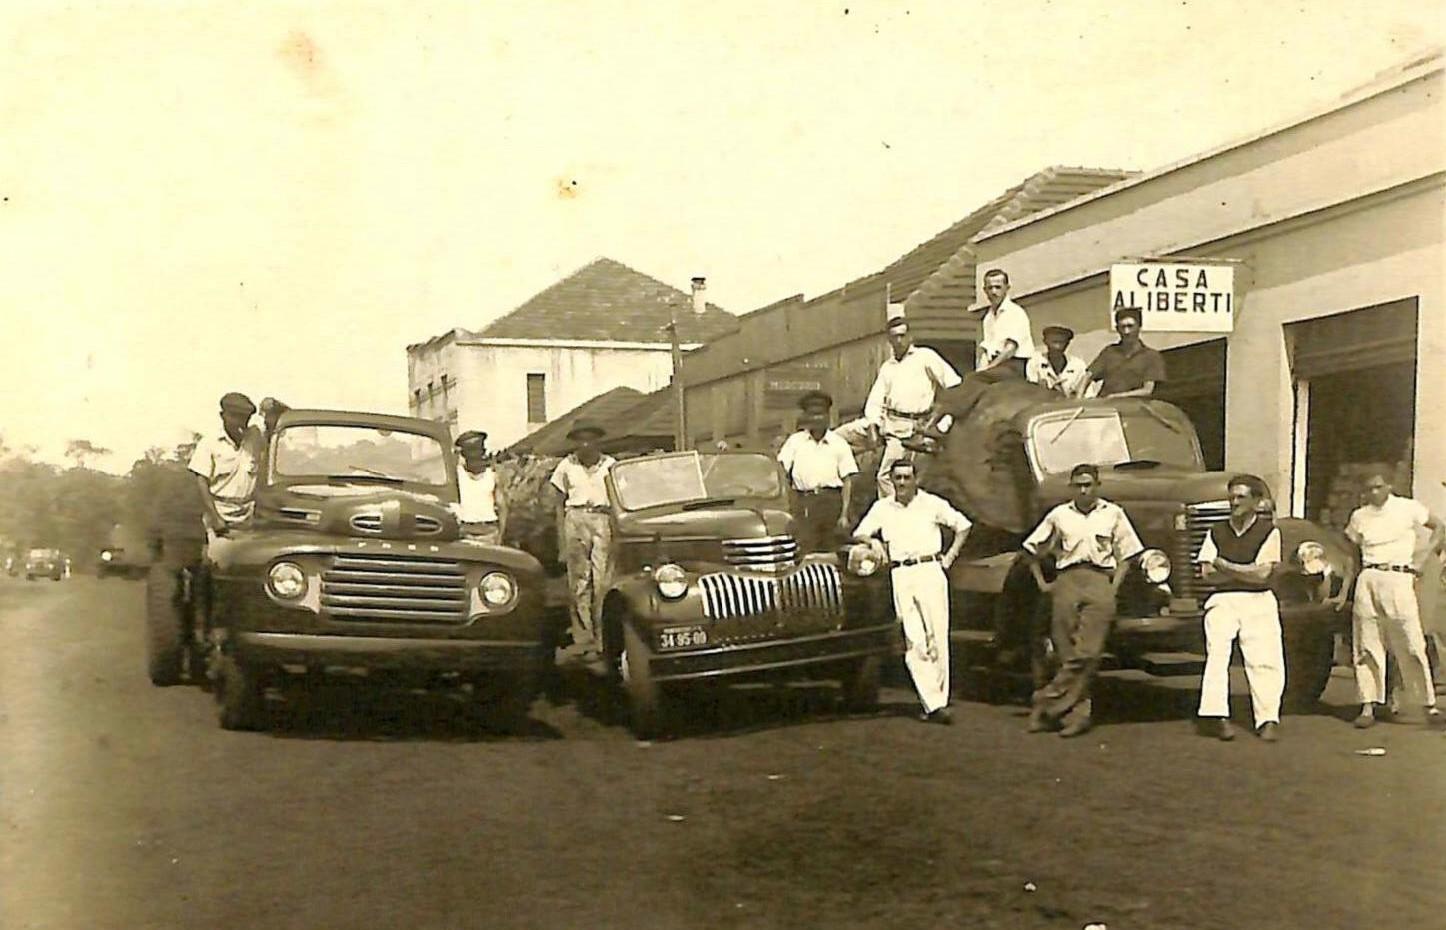 Casa Aliberti - 1947 e 1950